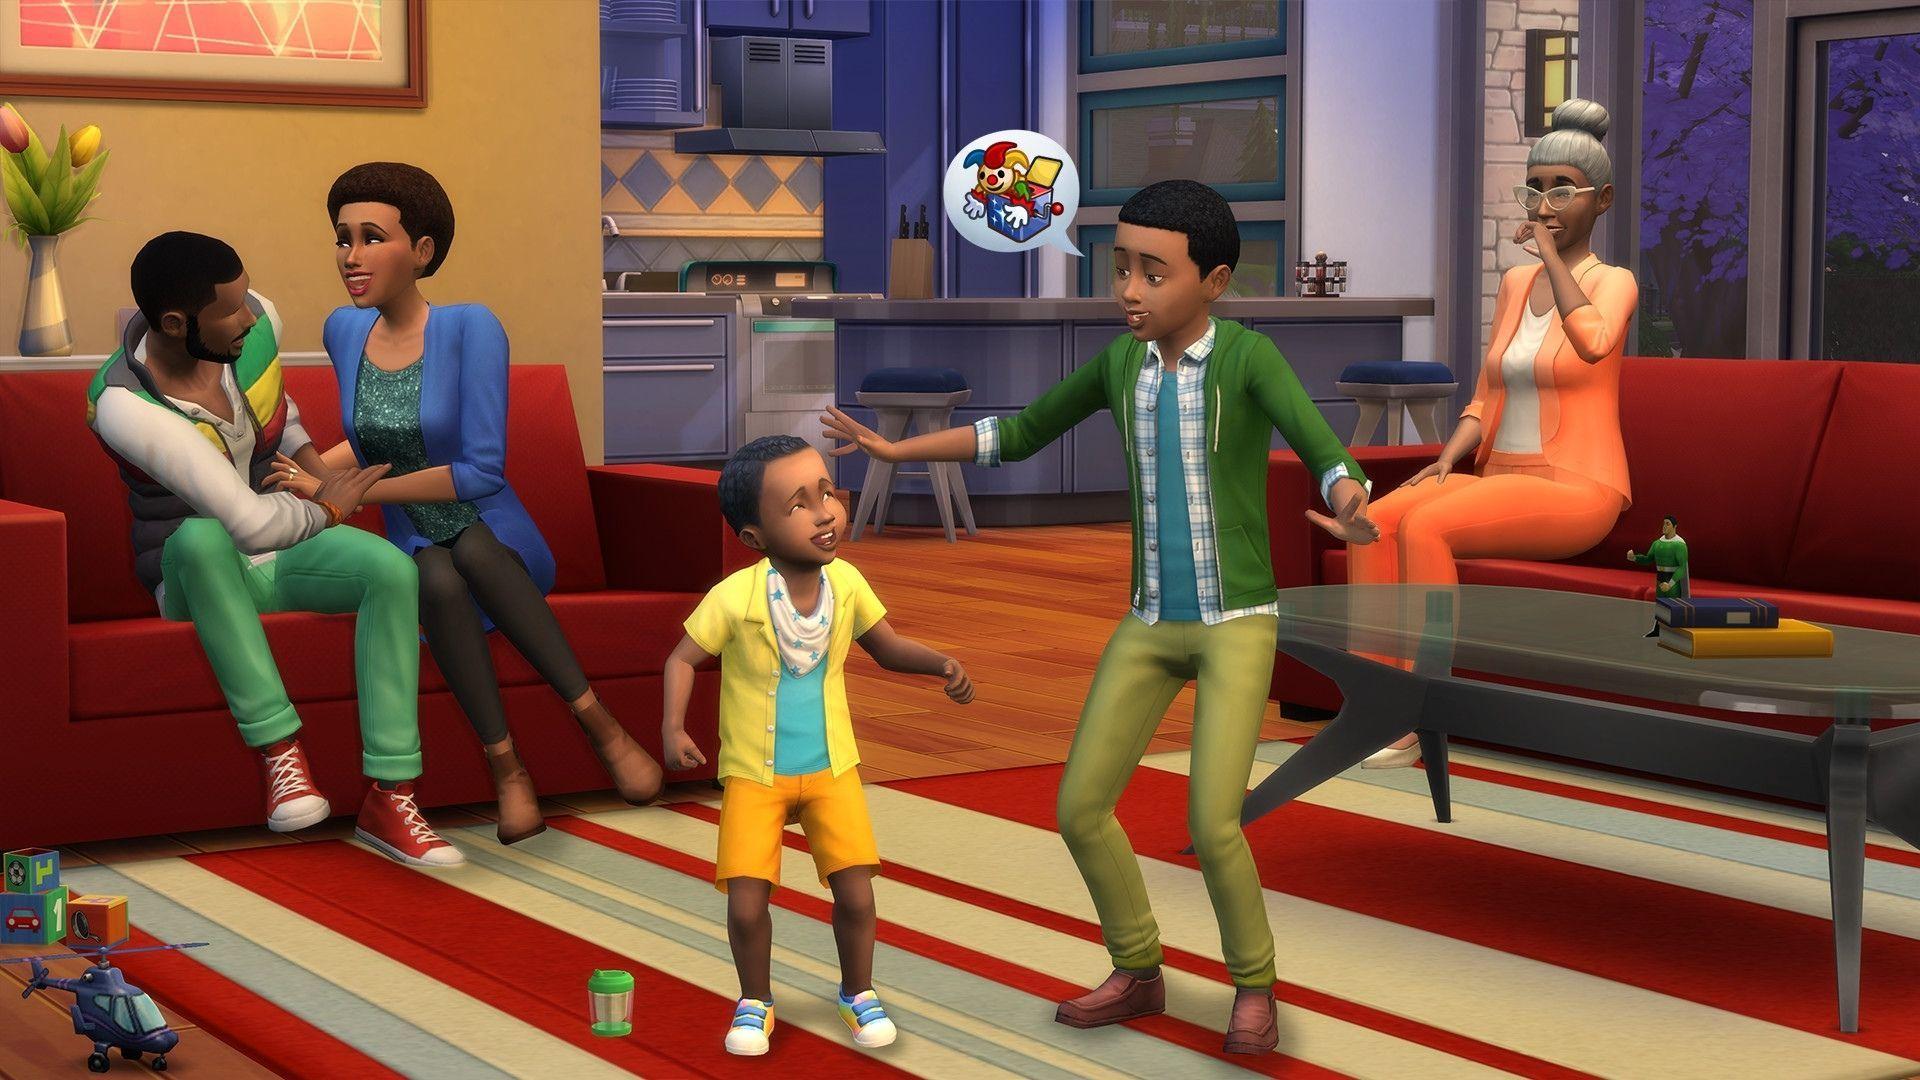 Em The Sims 4 você cria a história do jogo (Foto: Divulgação/EA)